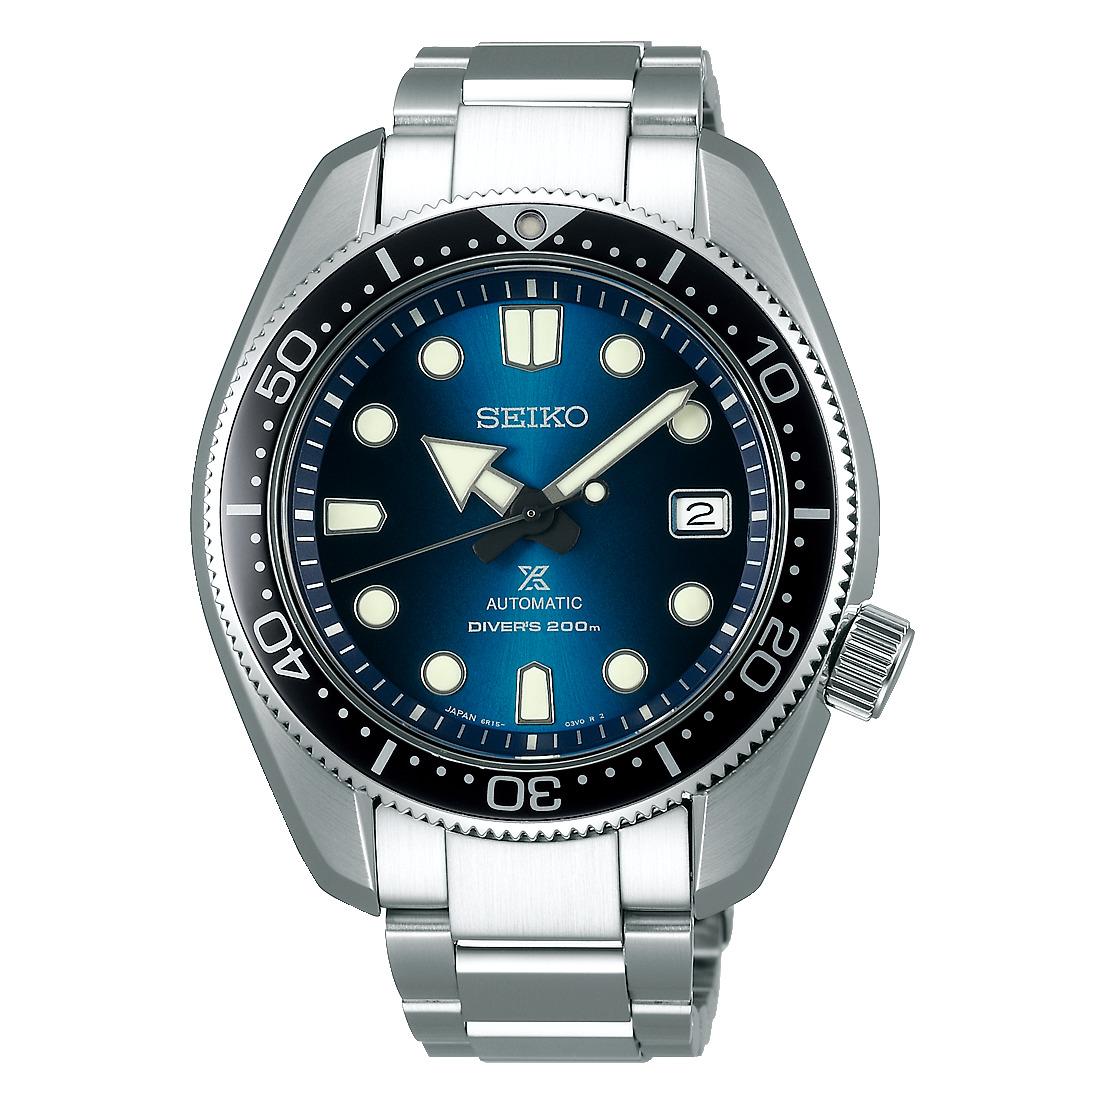 正規品 SEIKO PROSPEX セイコー プロスペックス SBDC065 流通限定モデル 腕時計